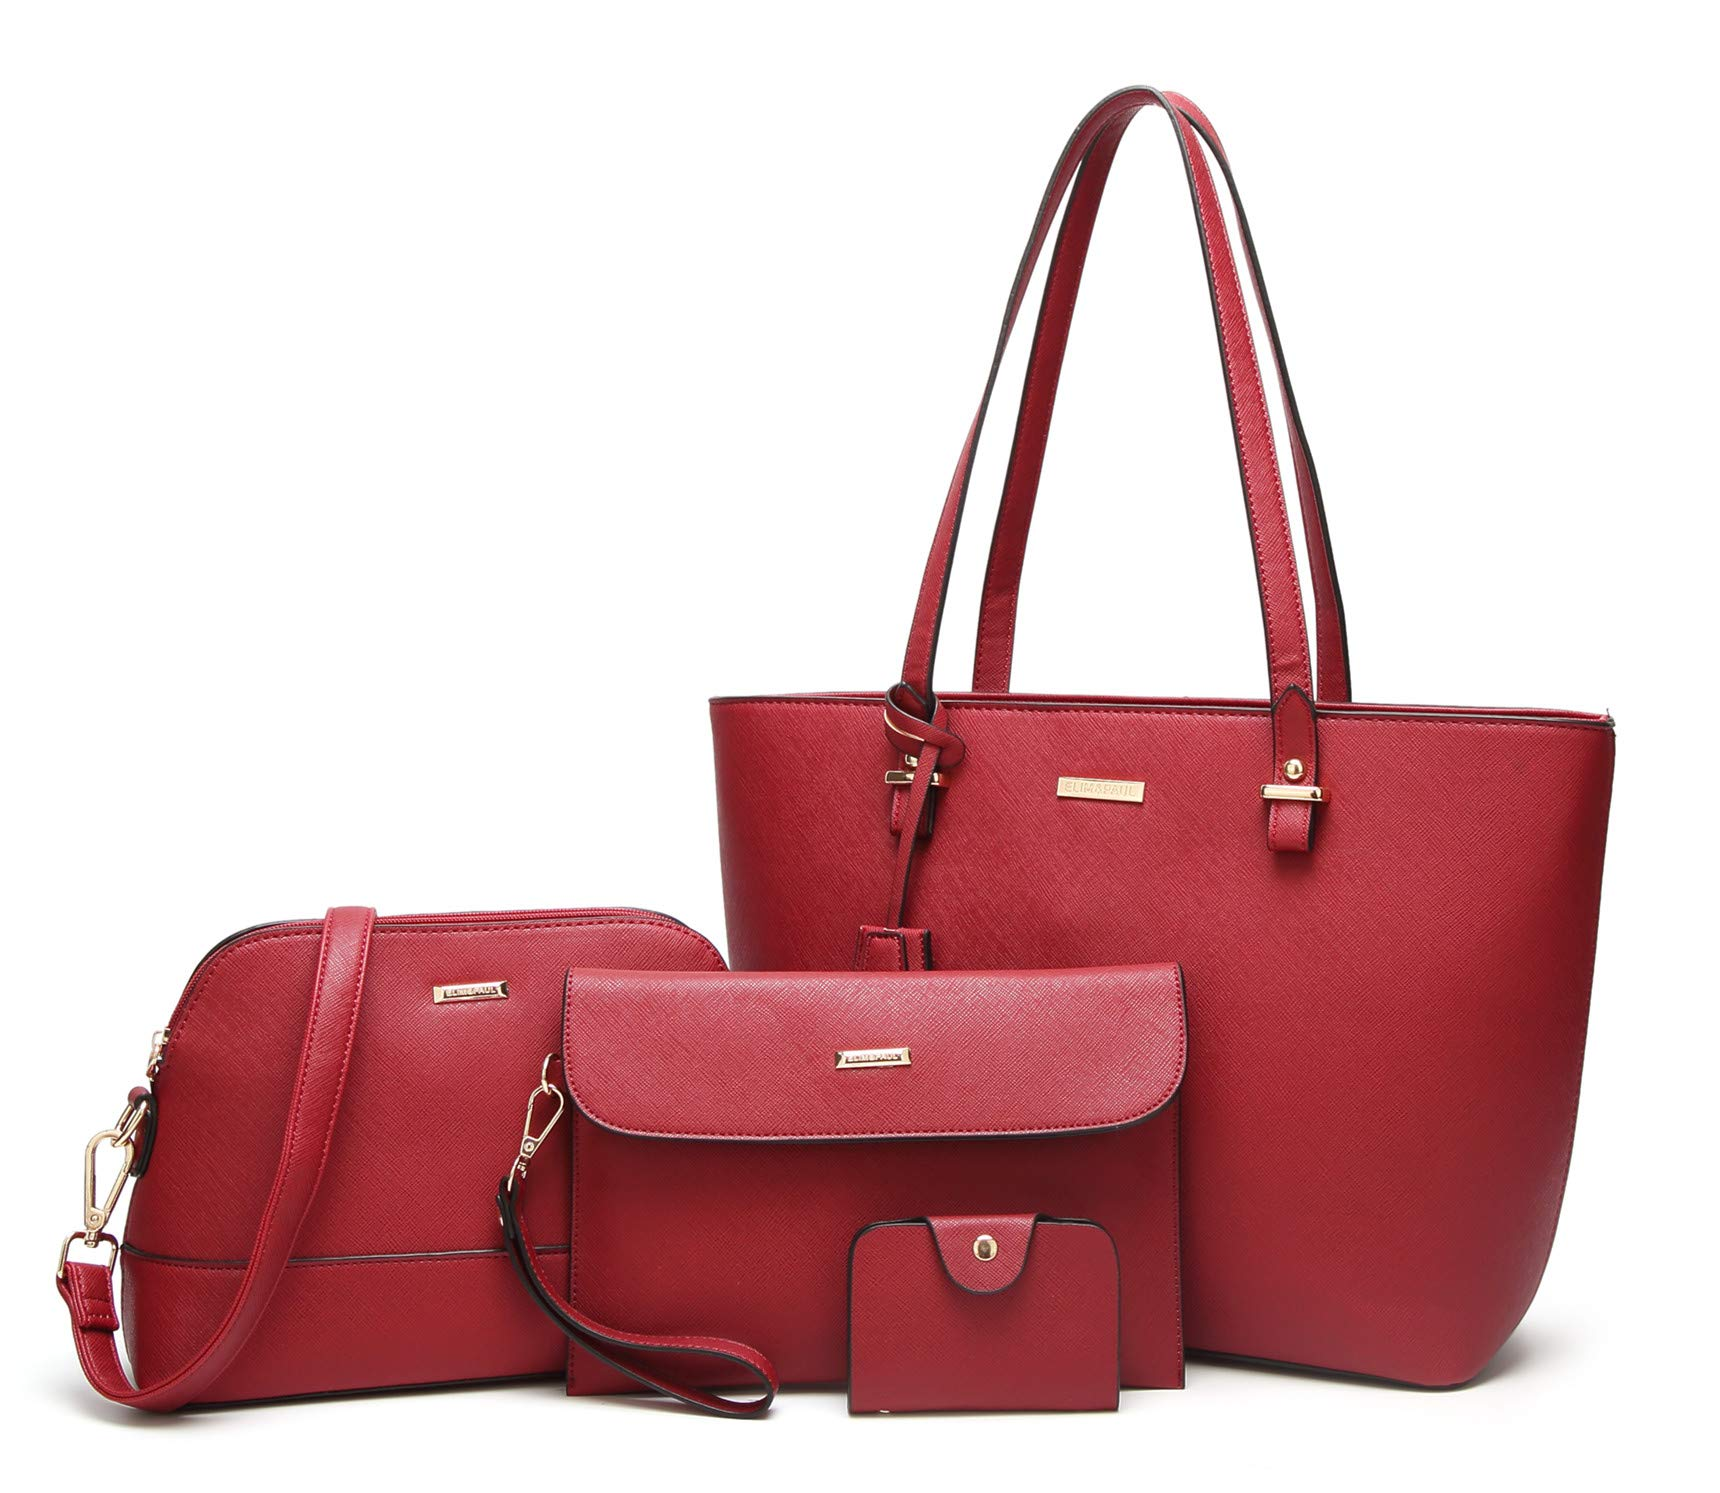 ELIMPAUL Women Fashion Handbags Tote Bag Shoulder Bag Top Handle Satchel Purse Set 4pcs by ELIMPAUL (Image #1)